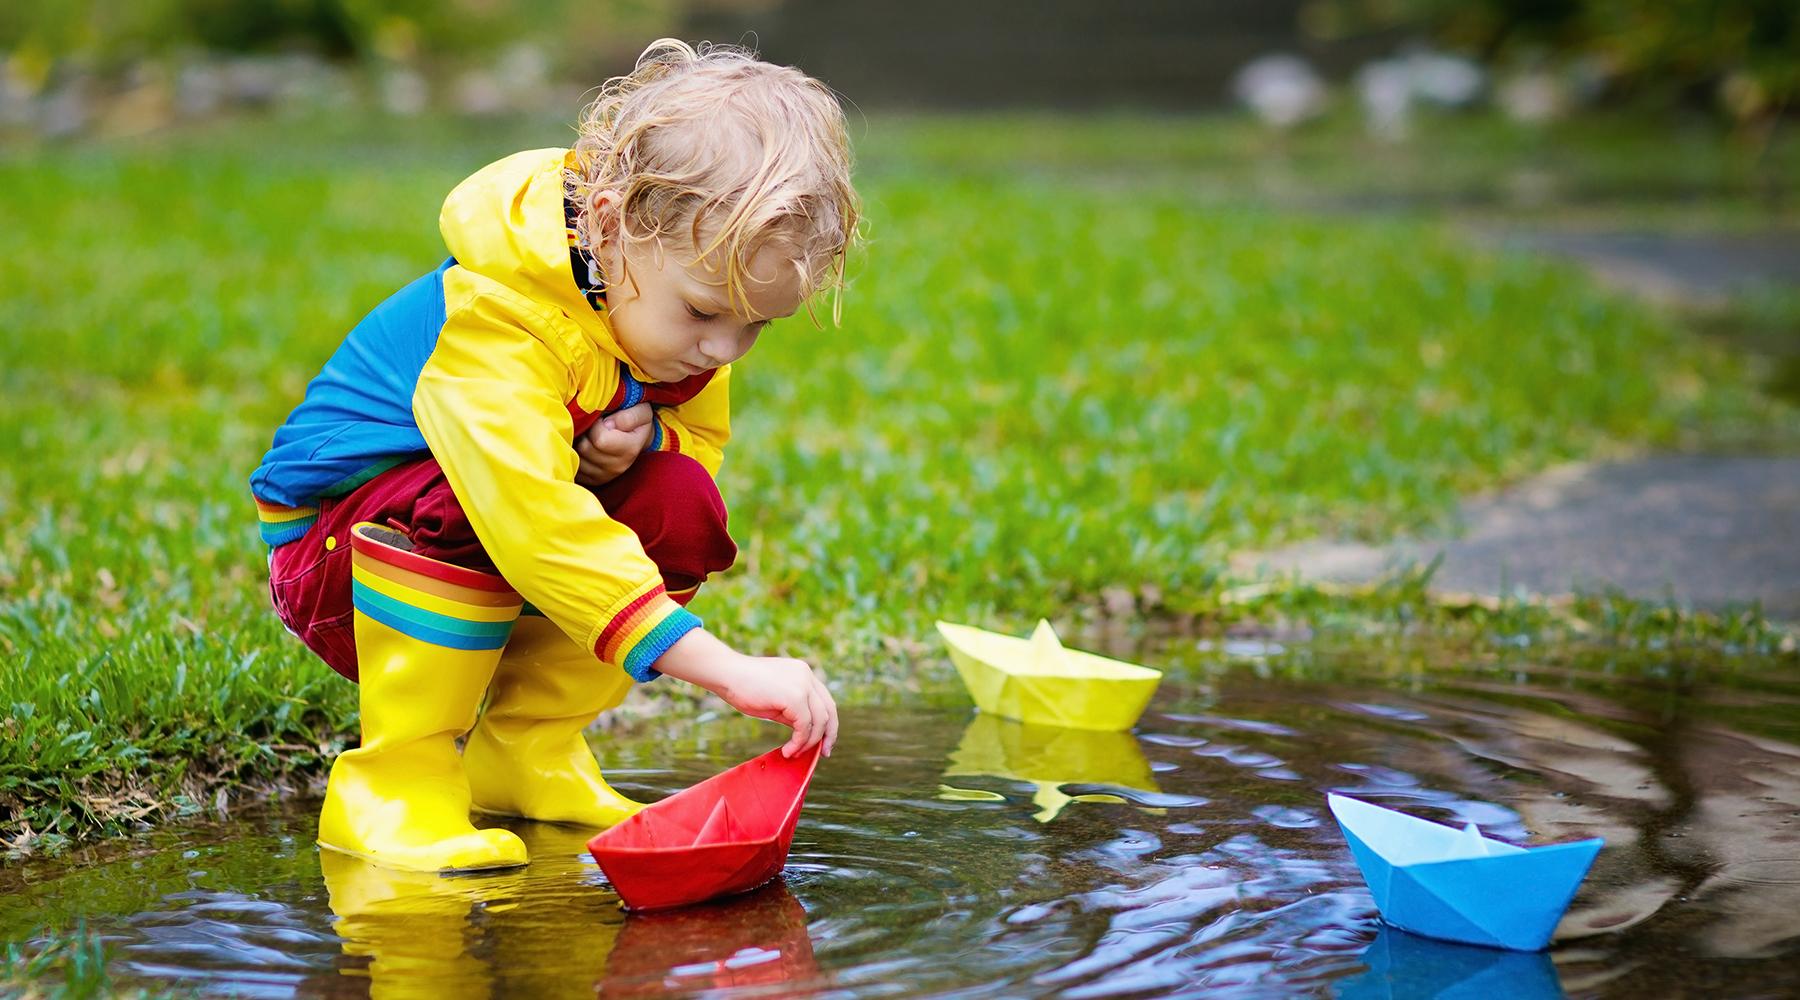 aktiviteter på en regnvejrsdag